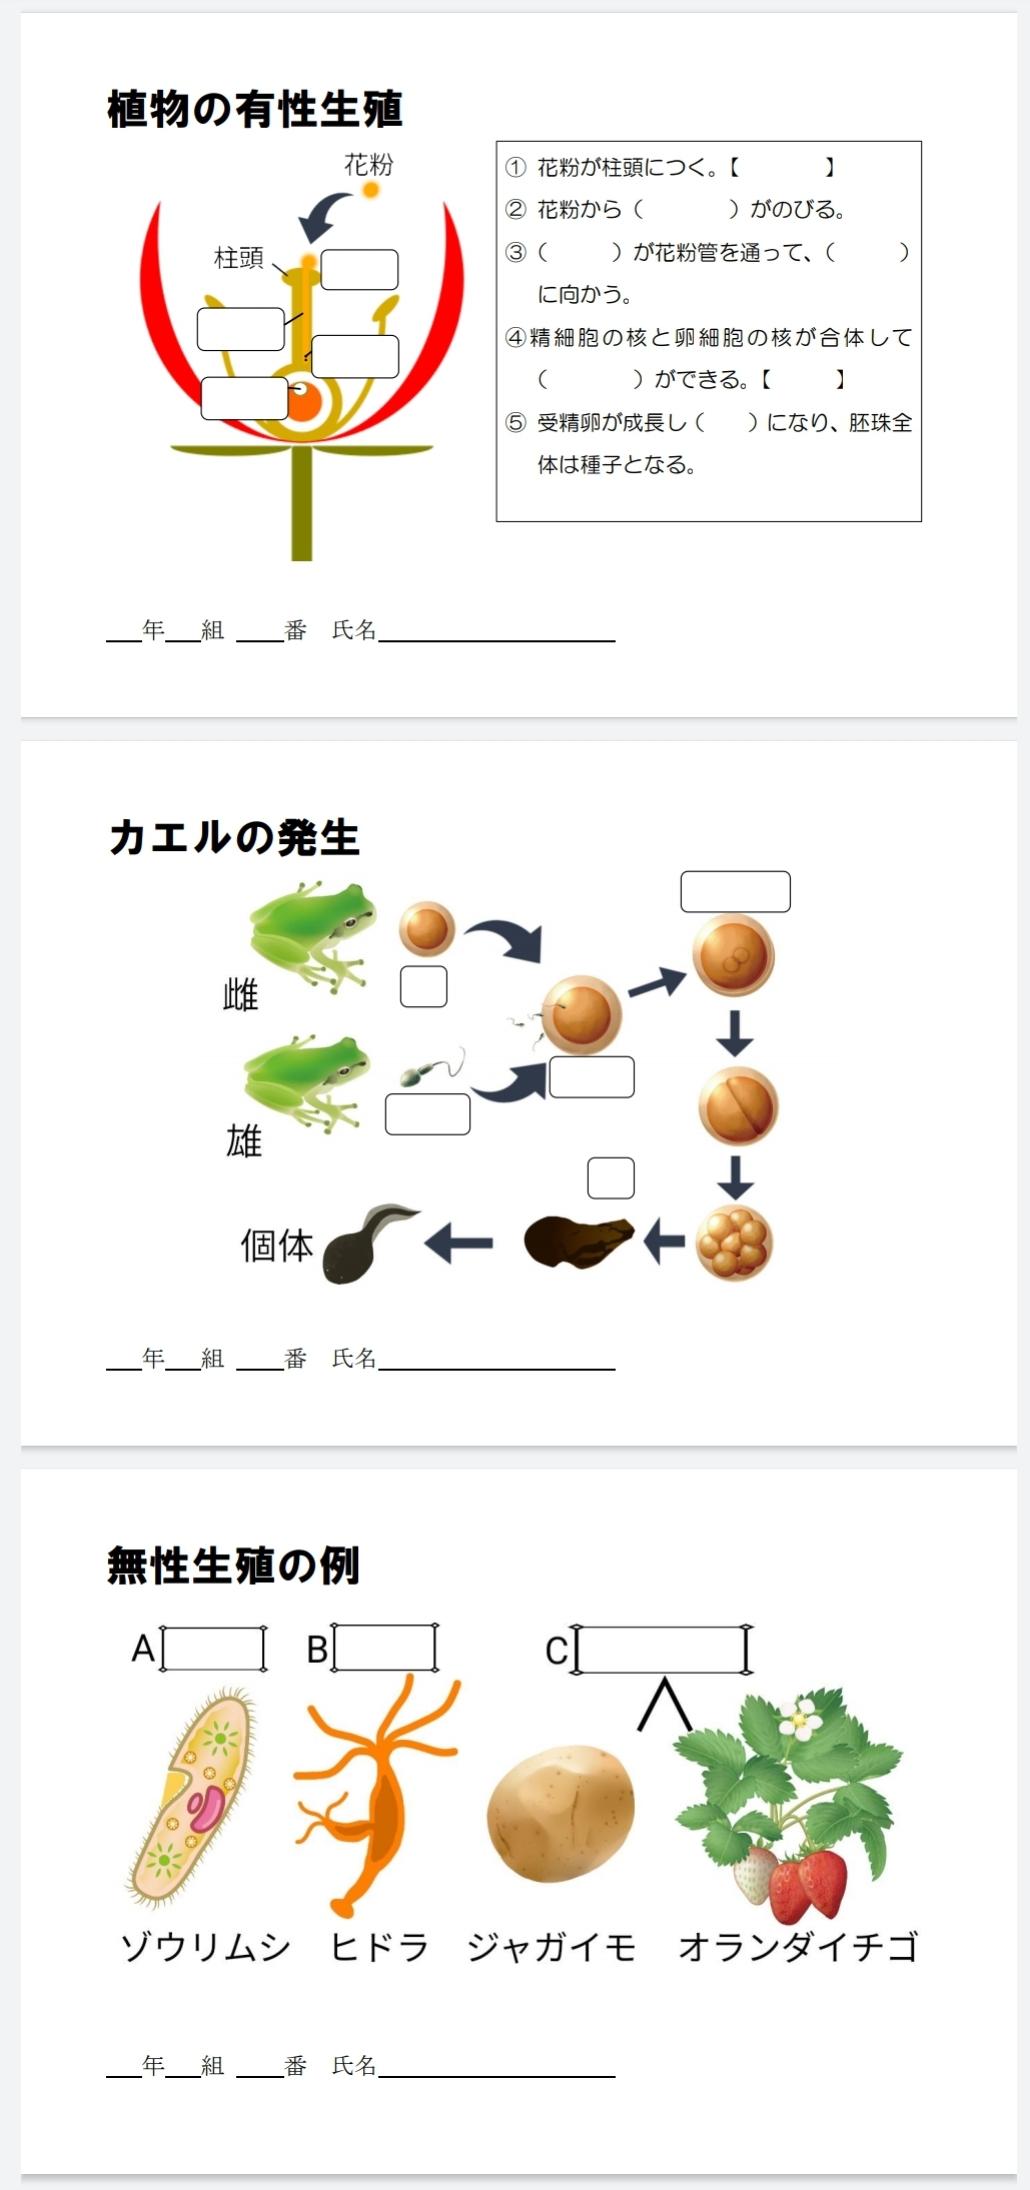 ふたばのワークシート3年(生物分野)